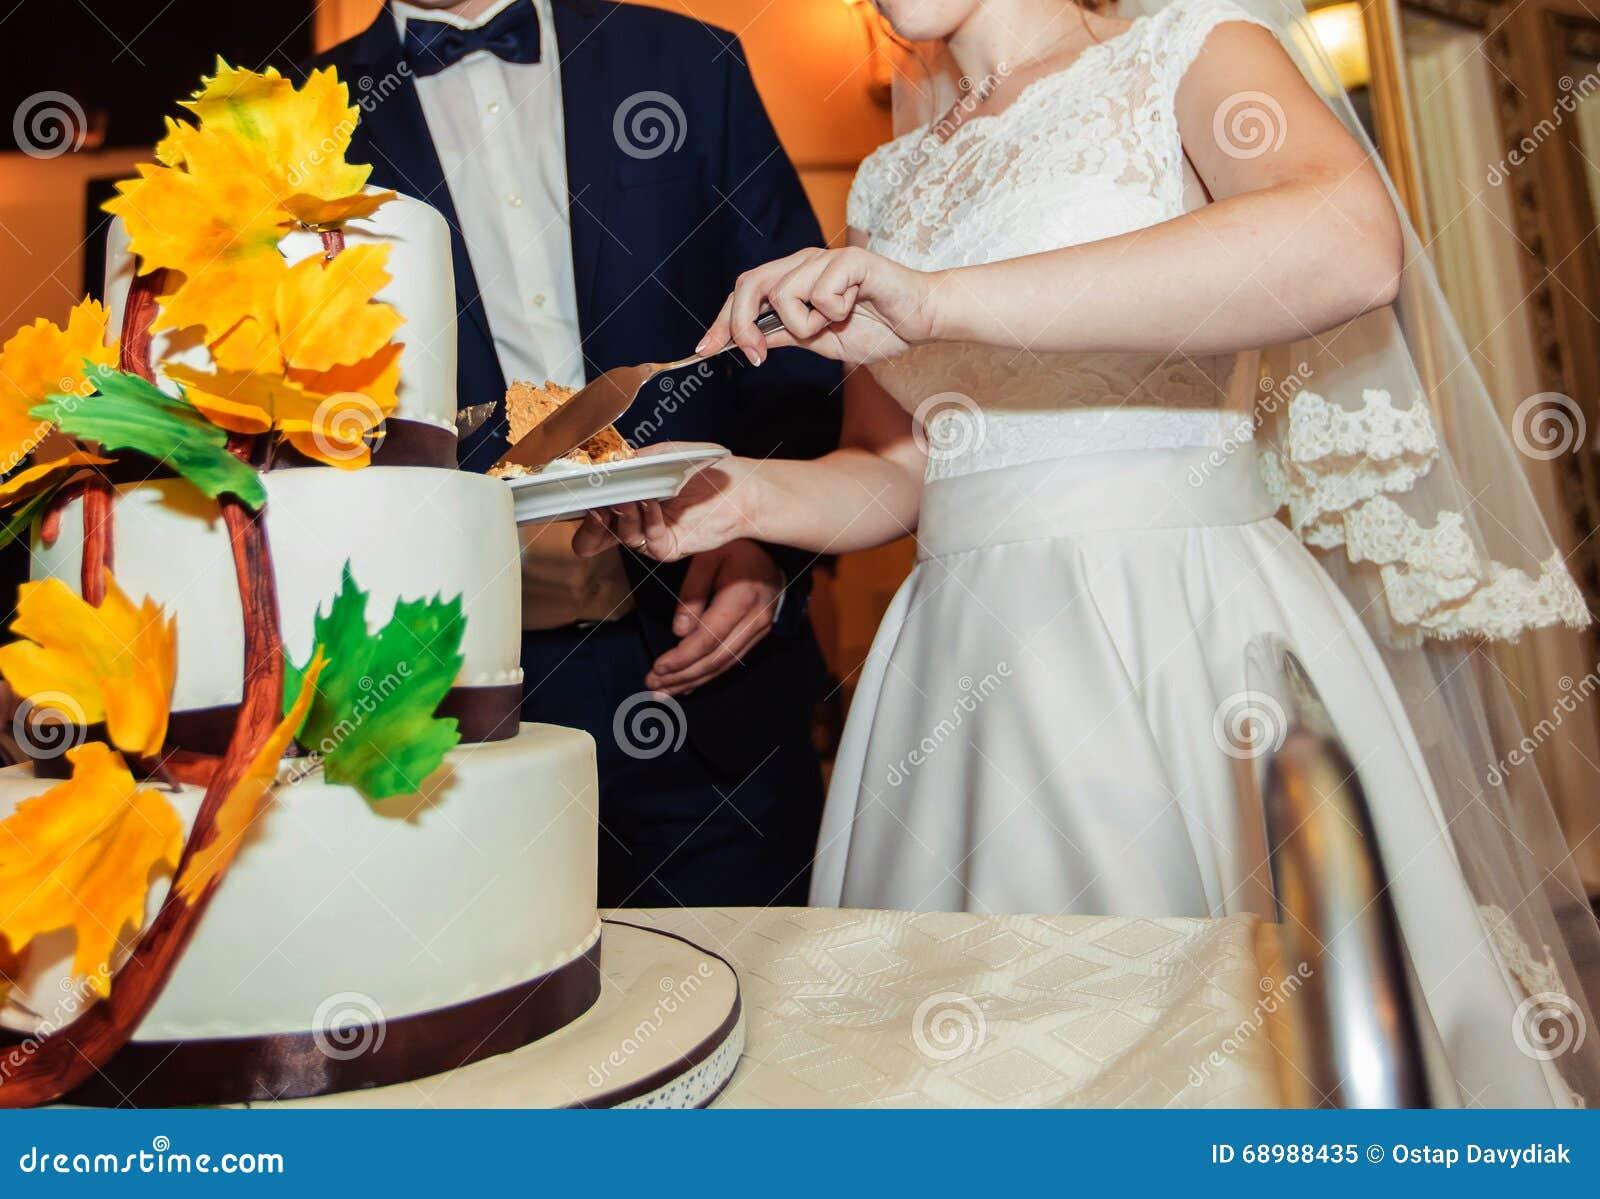 Una novia y un novio está cortando su pastel de bodas